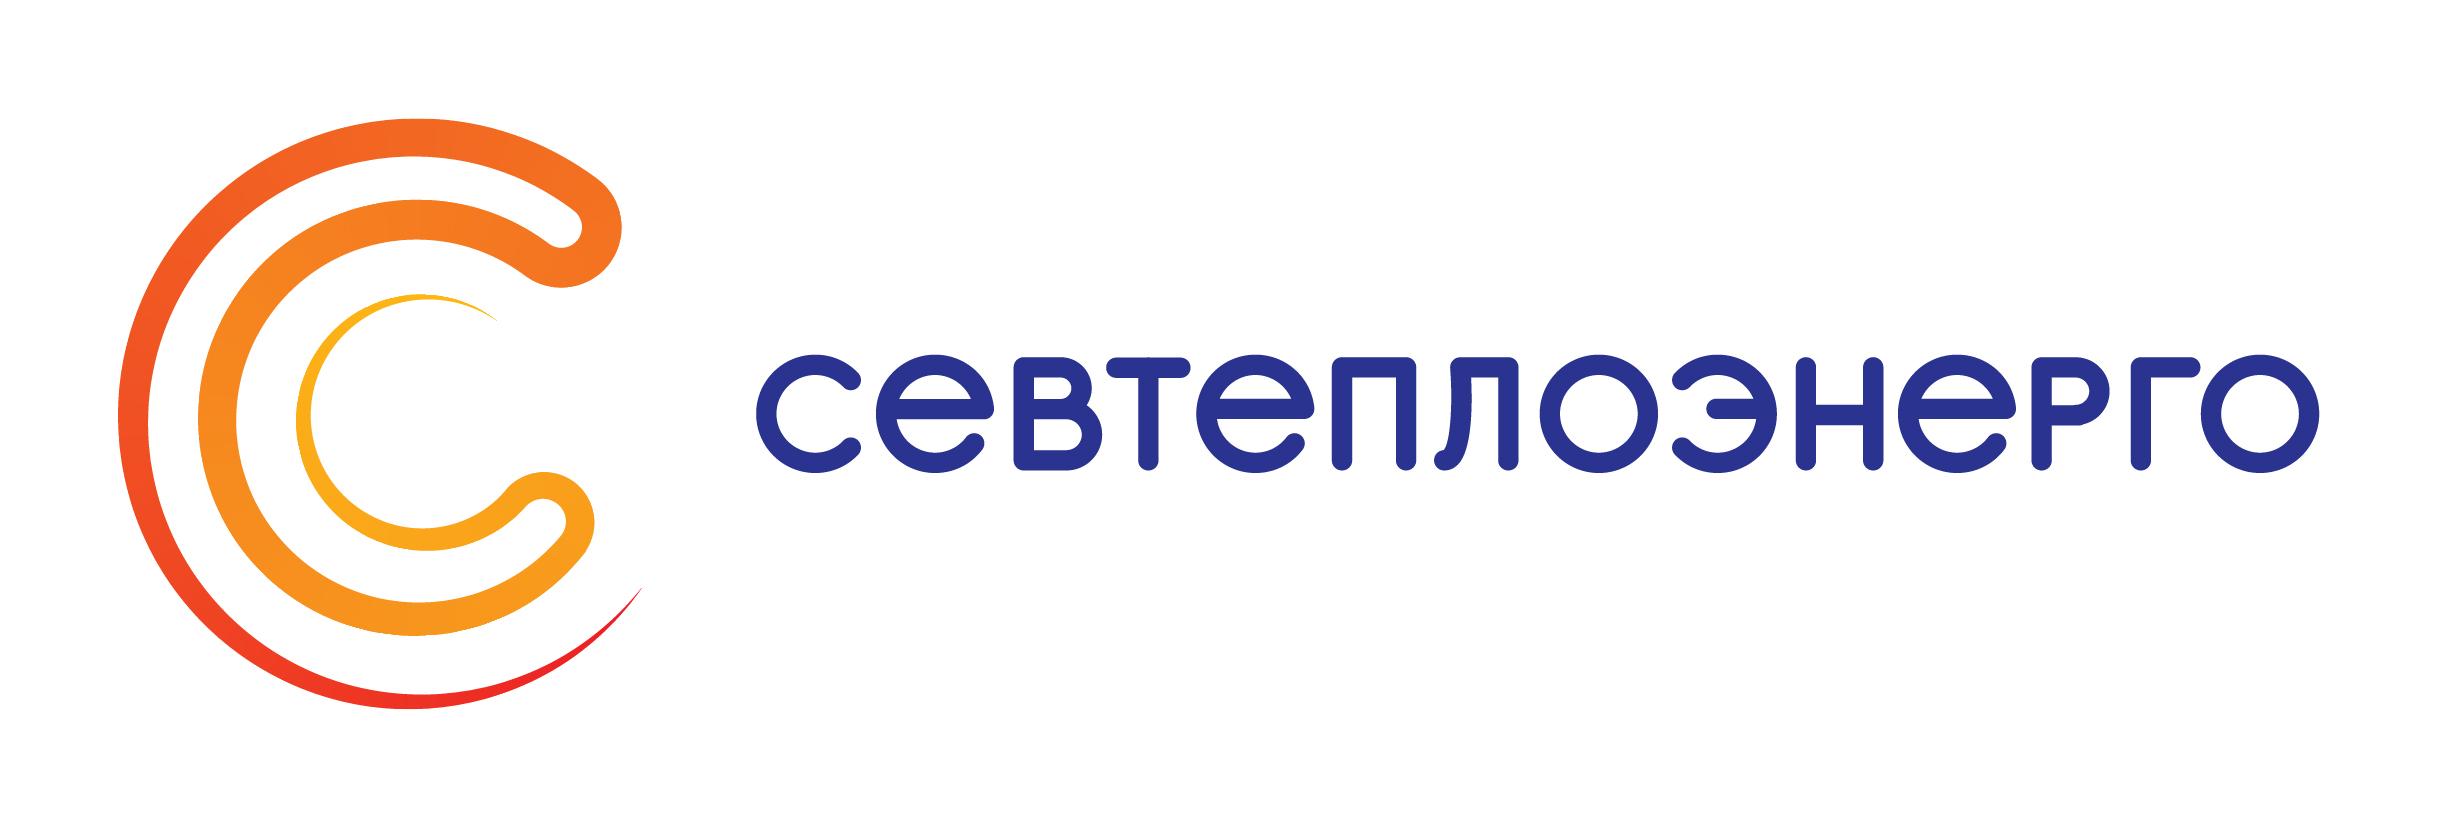 У предприятия  «Севтеплоэнерго» теперь есть логотип